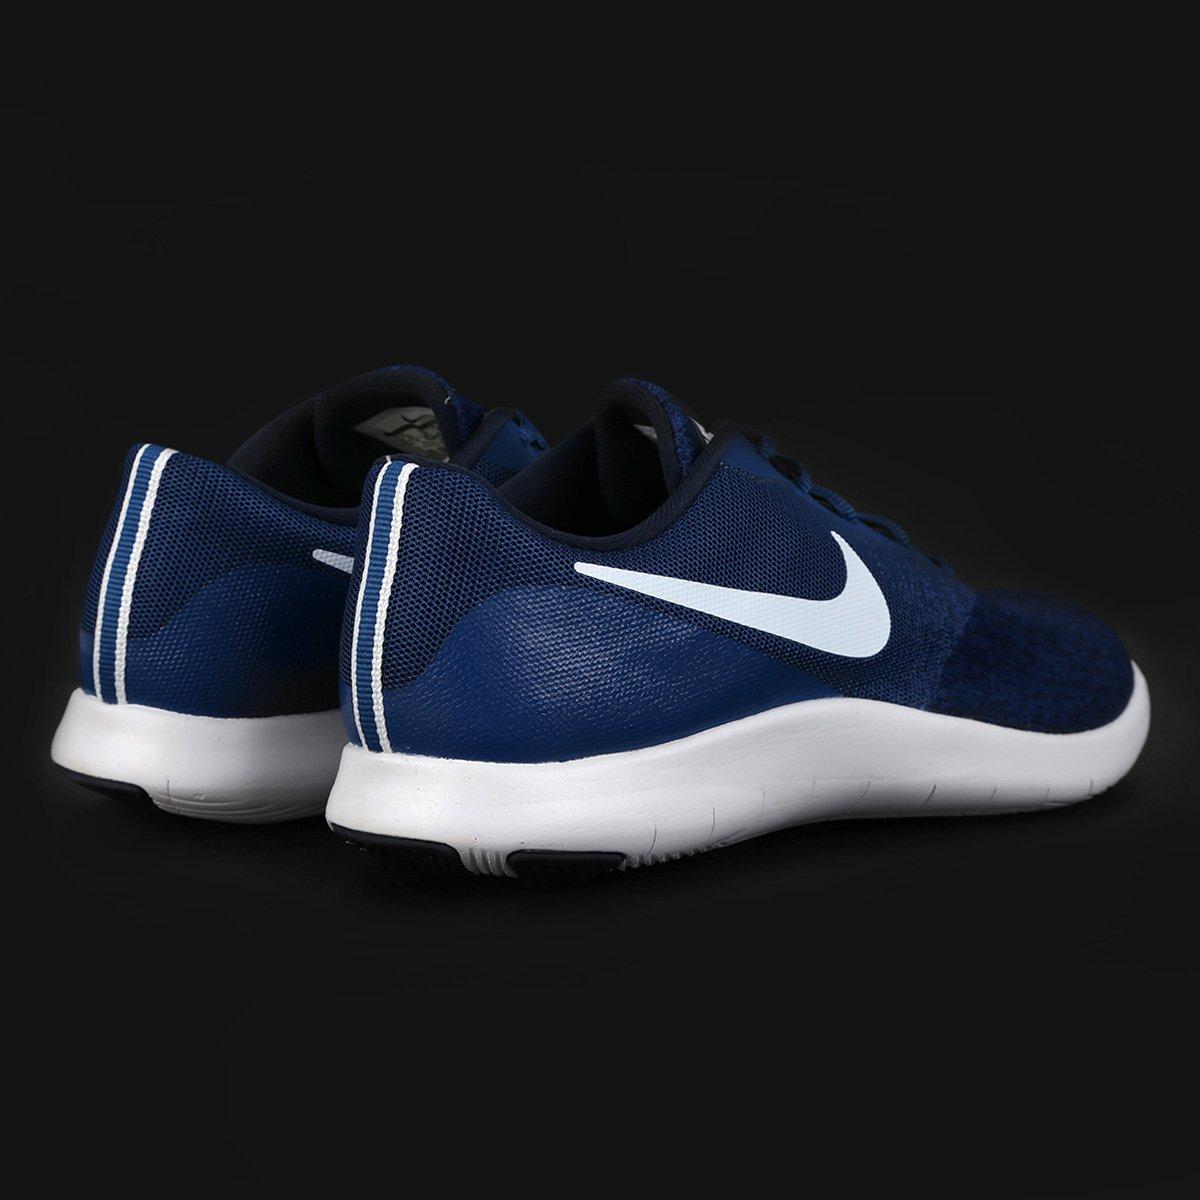 77c4d52b4a ... Tênis Nike Flex Contact Masculino - Marinho e Branco - Compre Agora .